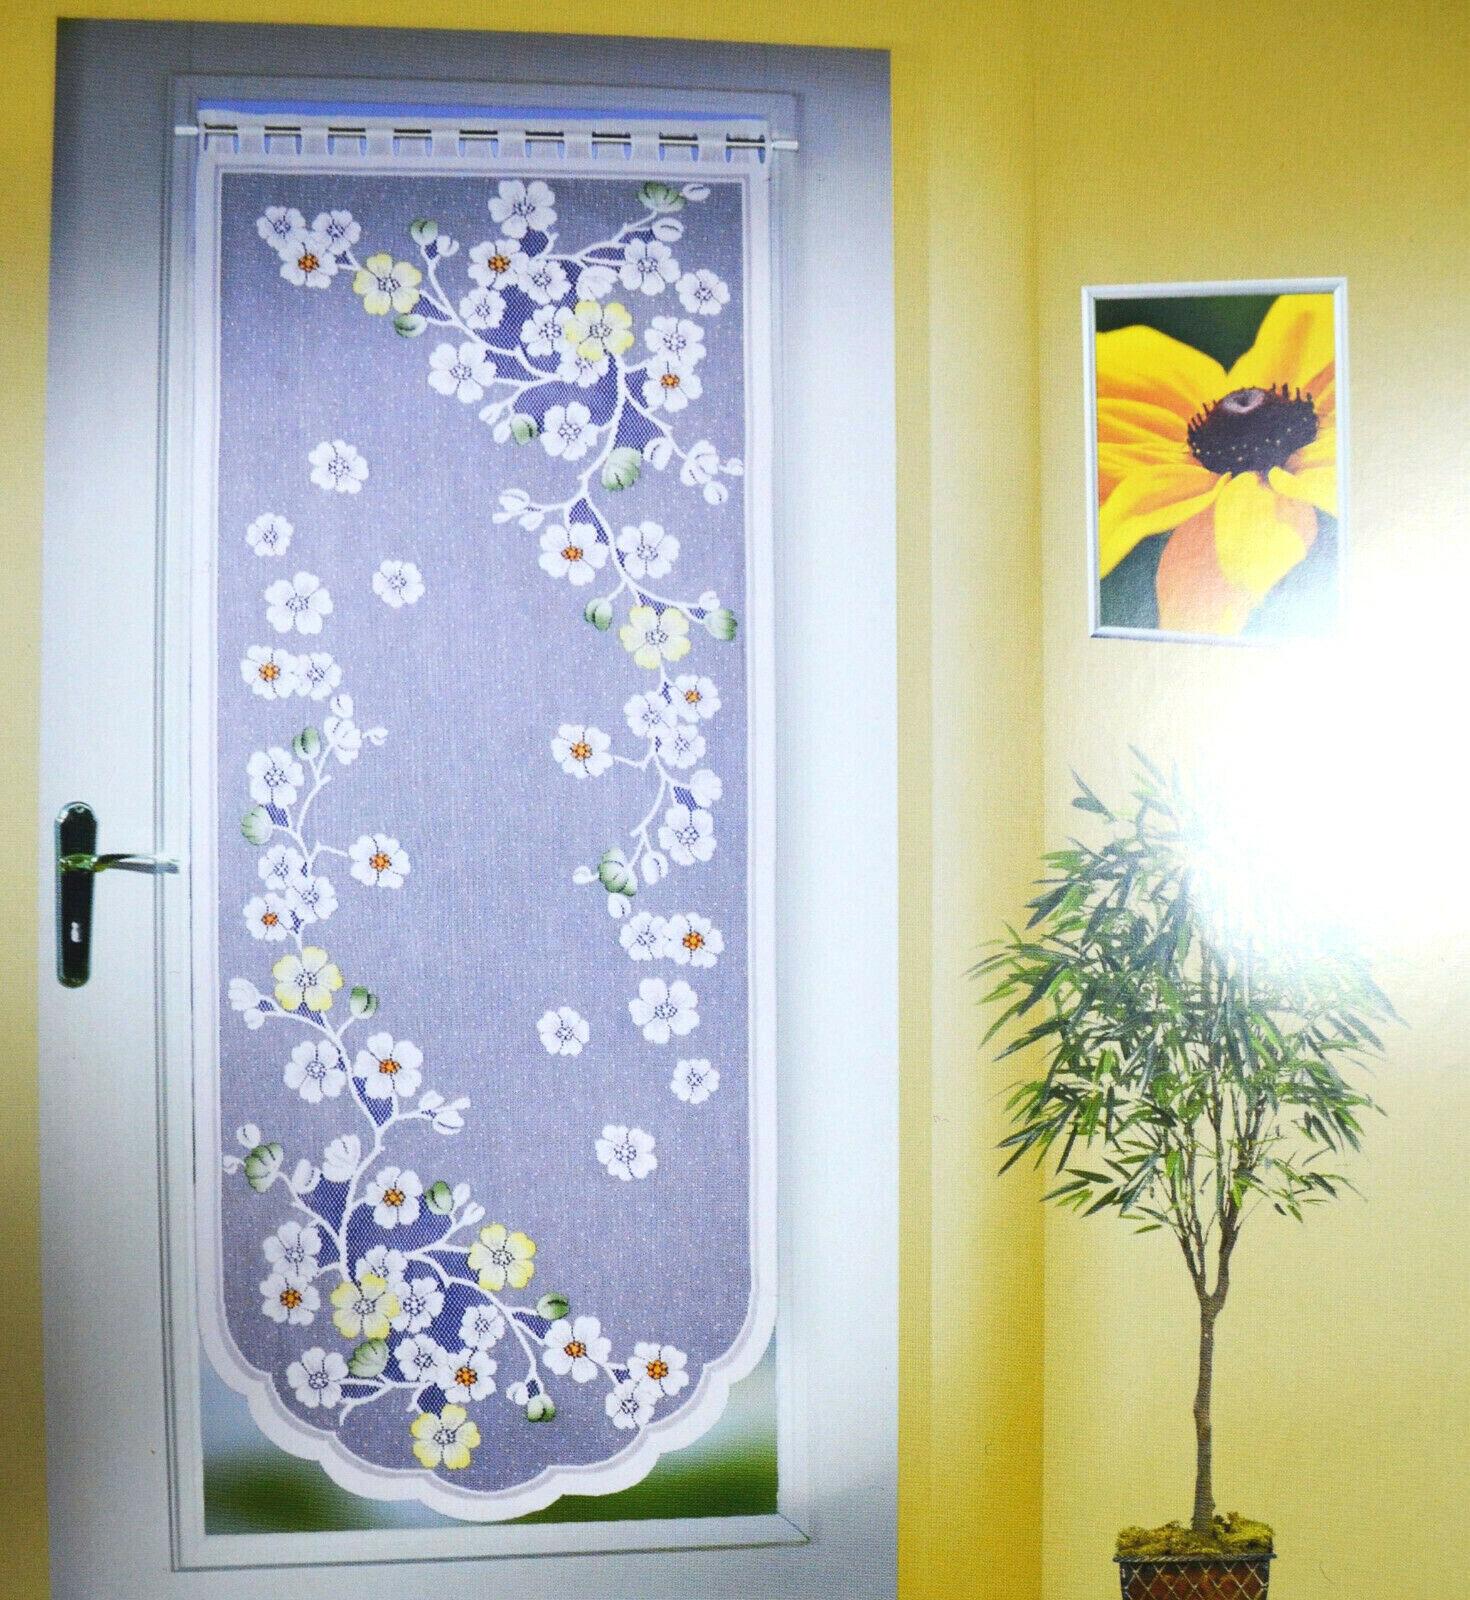 Blumen Türgardine Balkontür Wohnungstür Gardine Türpanneau 160 x 60 cm Brandneu